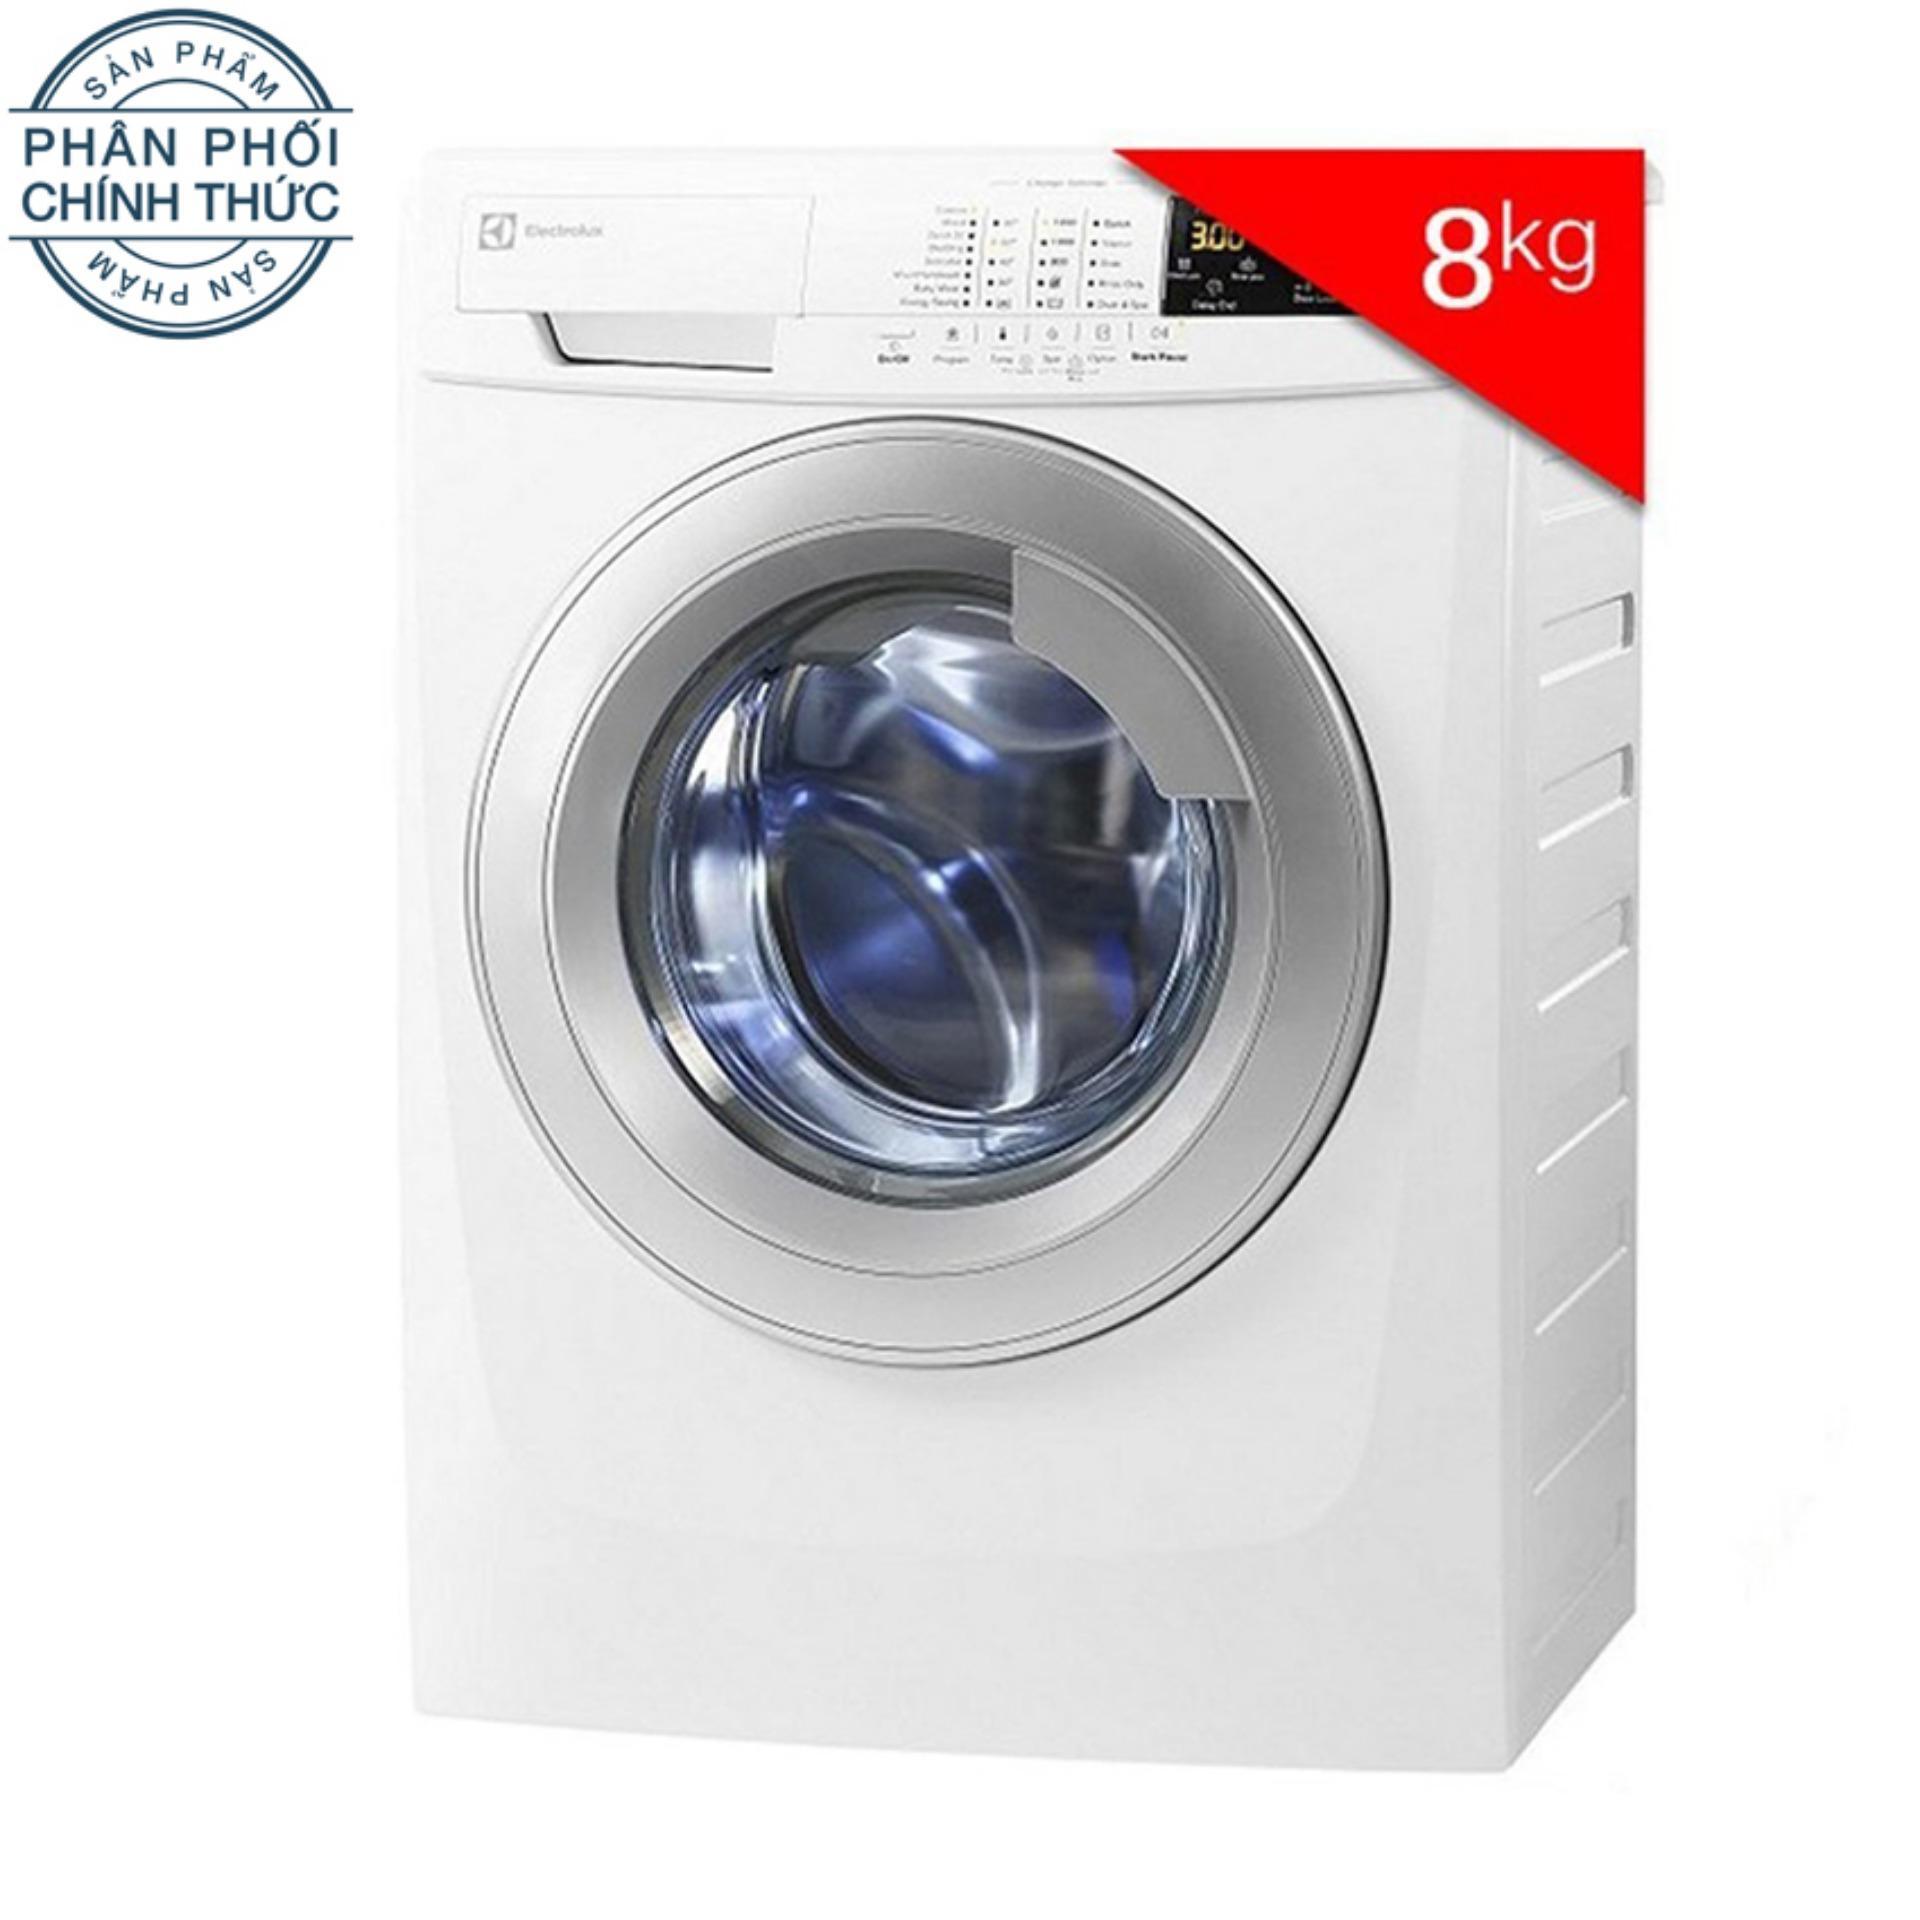 Hình ảnh Máy Giặt Cửa Trước Electrolux EWF12843 DL0700339 (8.0Kg) (Trắng)